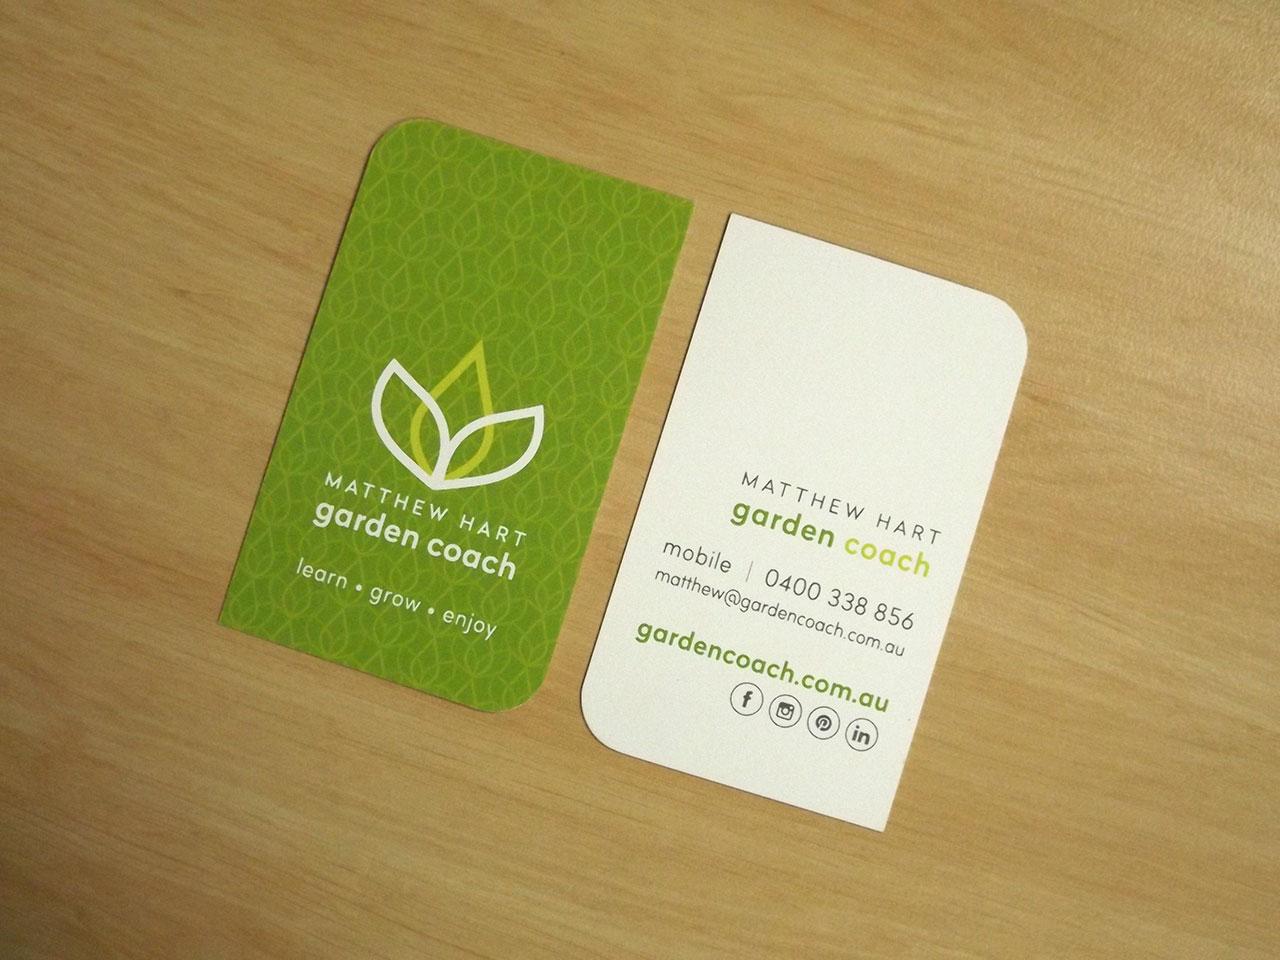 MATTHEW HART GARDEN COACH - Diecut Business Card Design Geelong